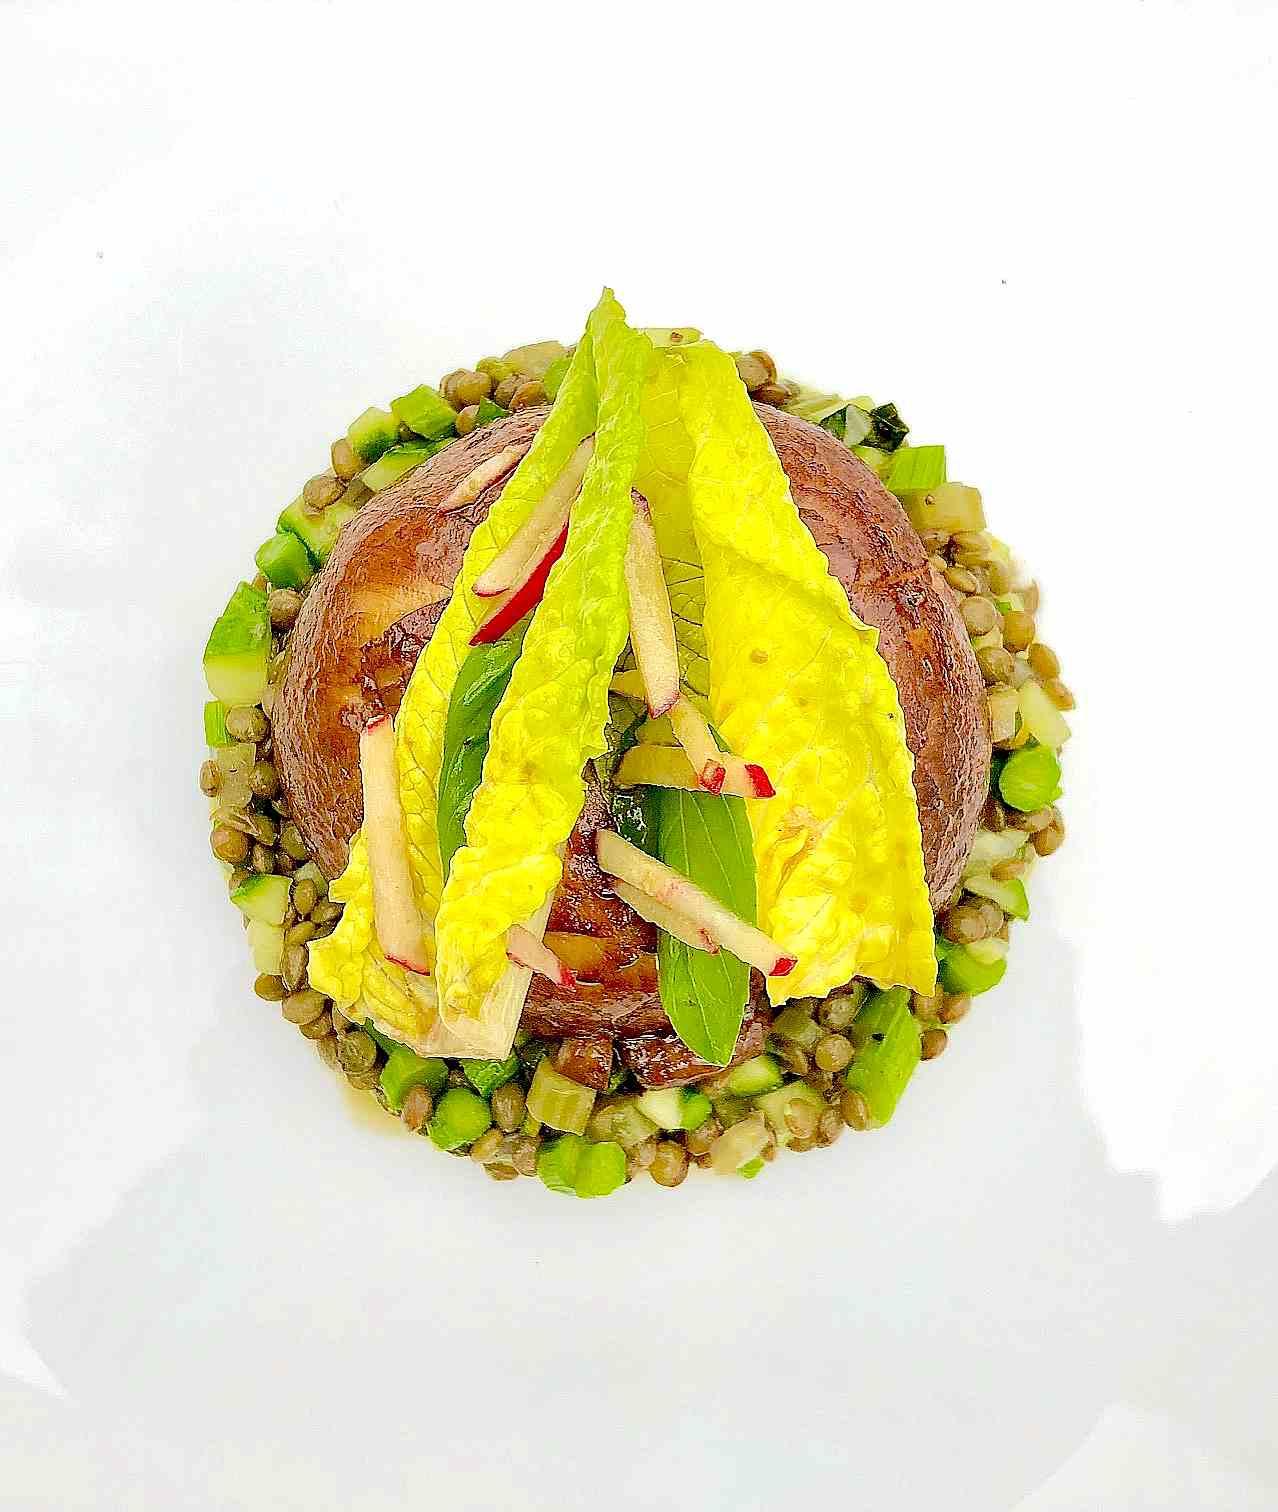 Lentil Salad recipe with portobello